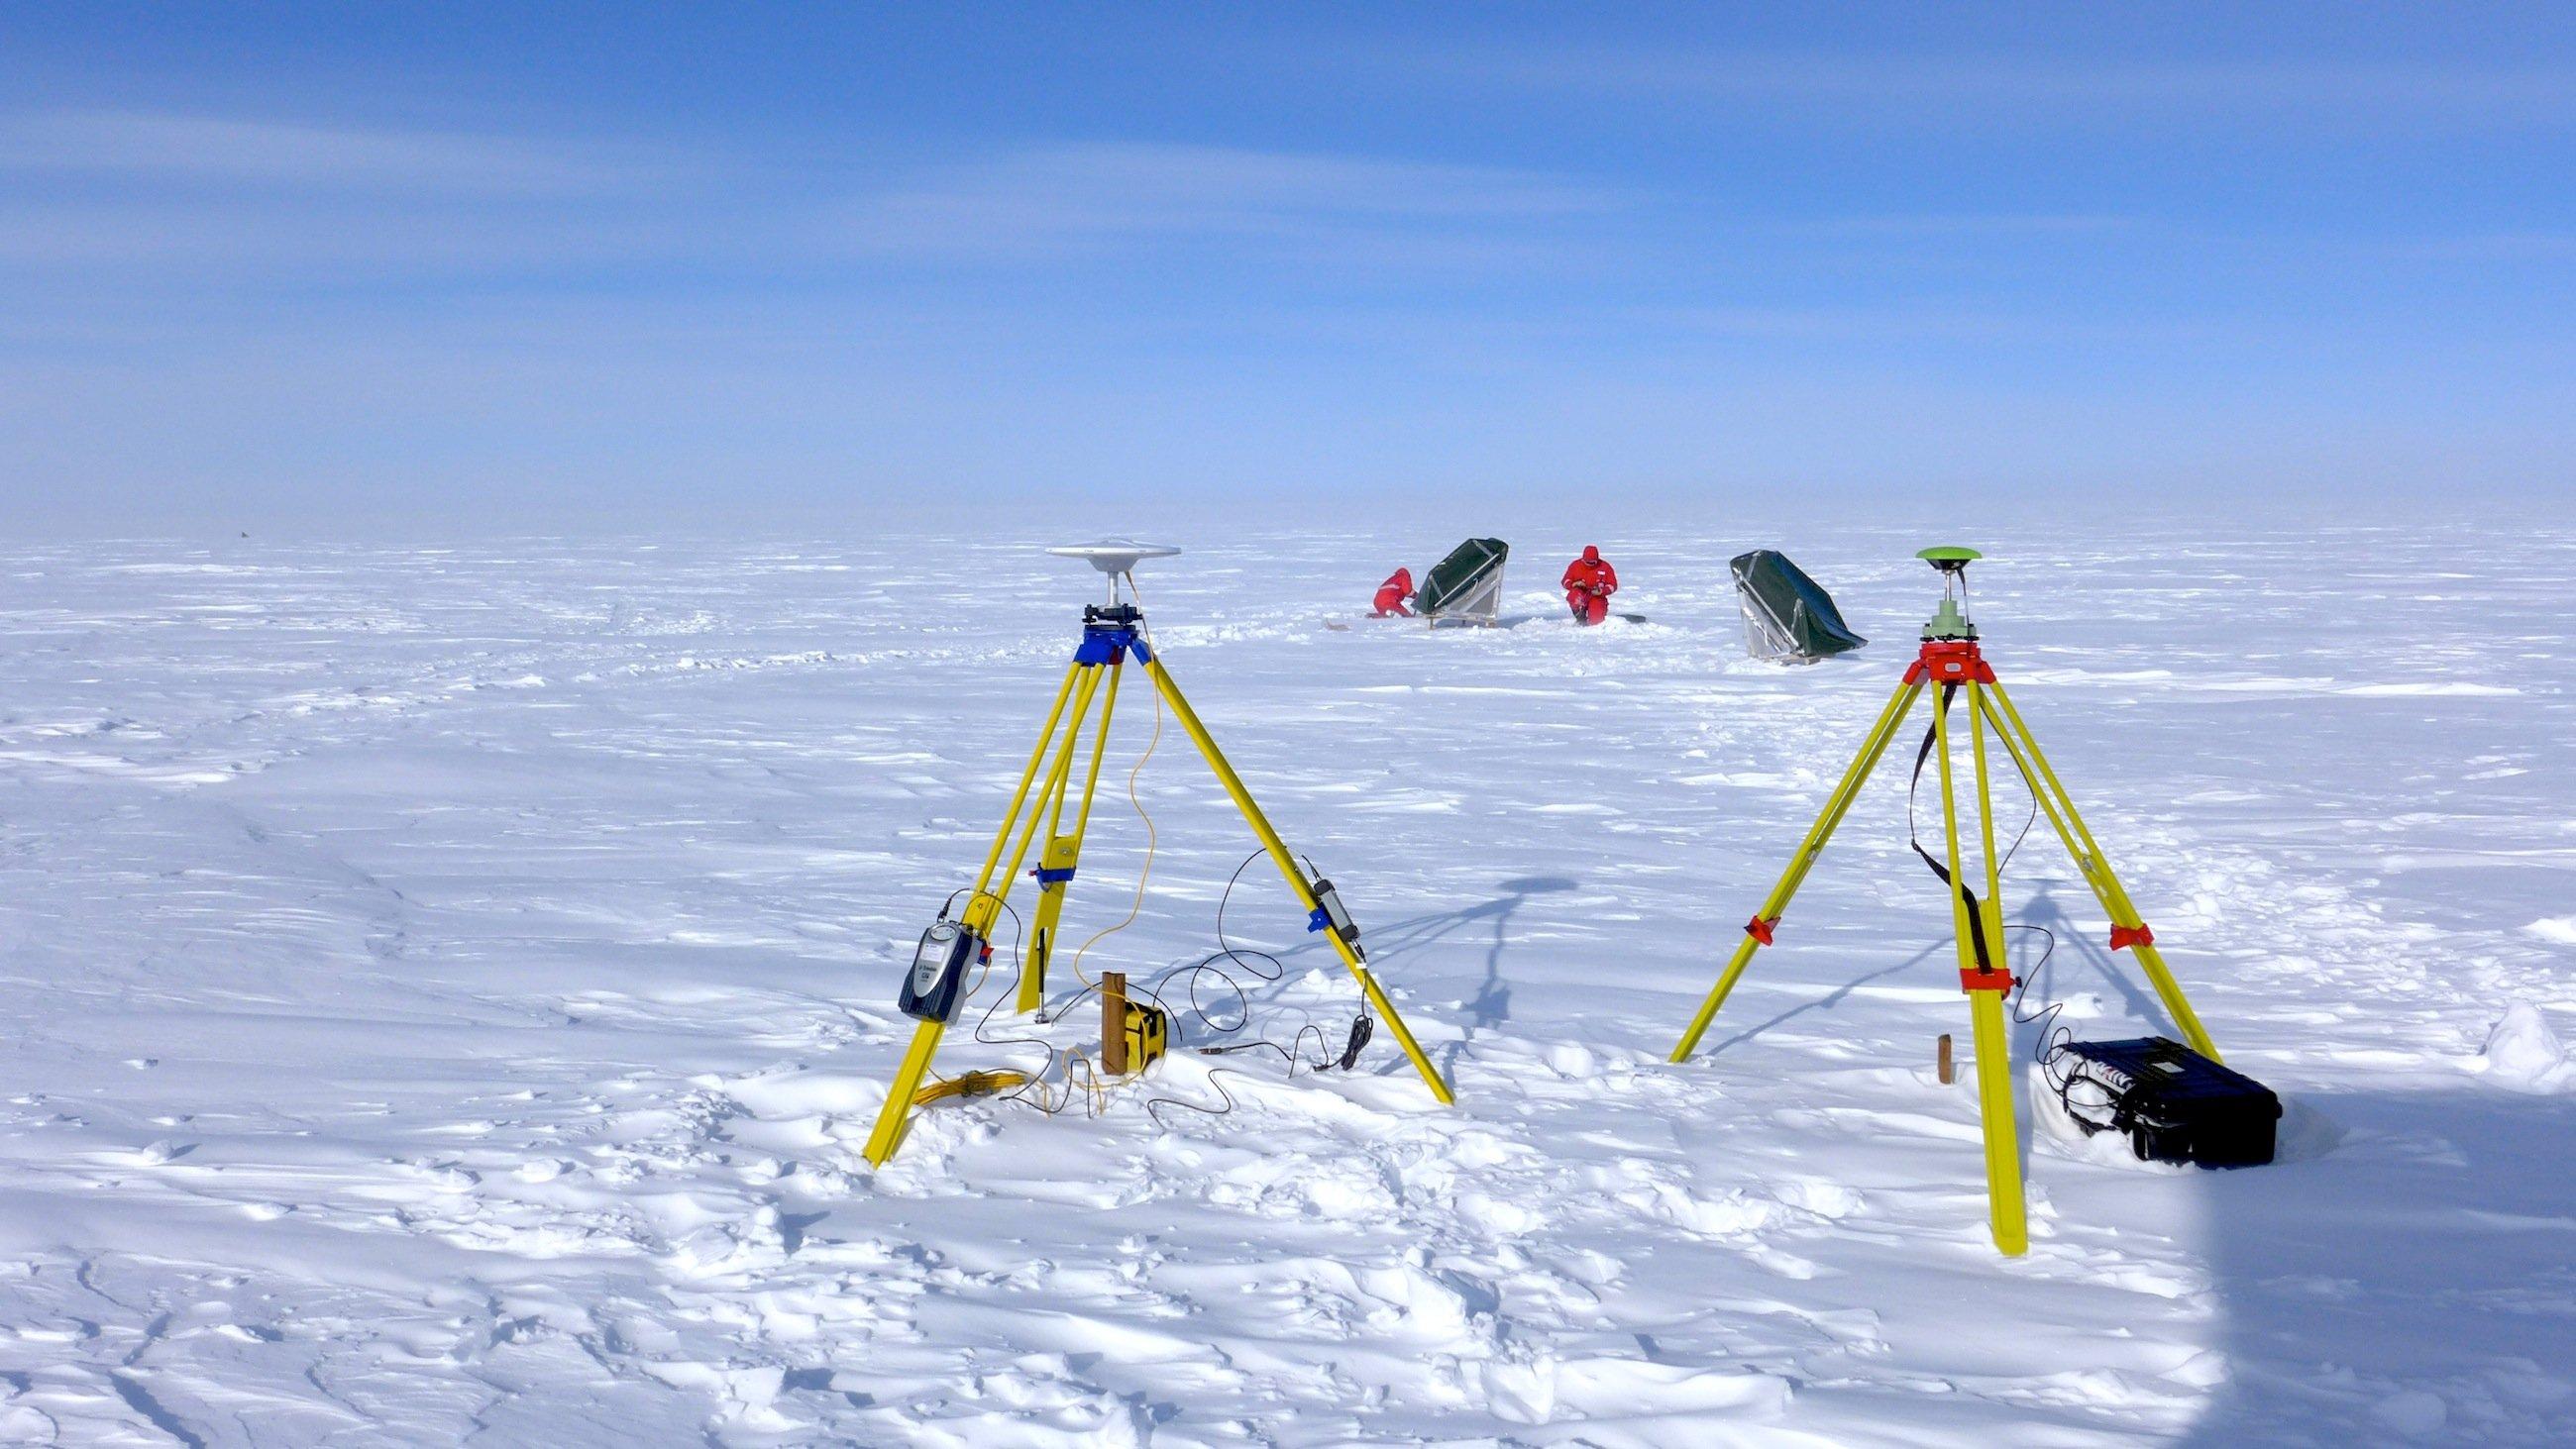 Die DLR-Wissenschaftler Martin Keller und Georg Fischer verankern zwei Radar-Reflektoren auf dem grönländischen Eisschild. Im Vordergrund sieht man zwei GPS-Basisstationen, die die präzise Vermessung der Reflektoren ermöglichen.